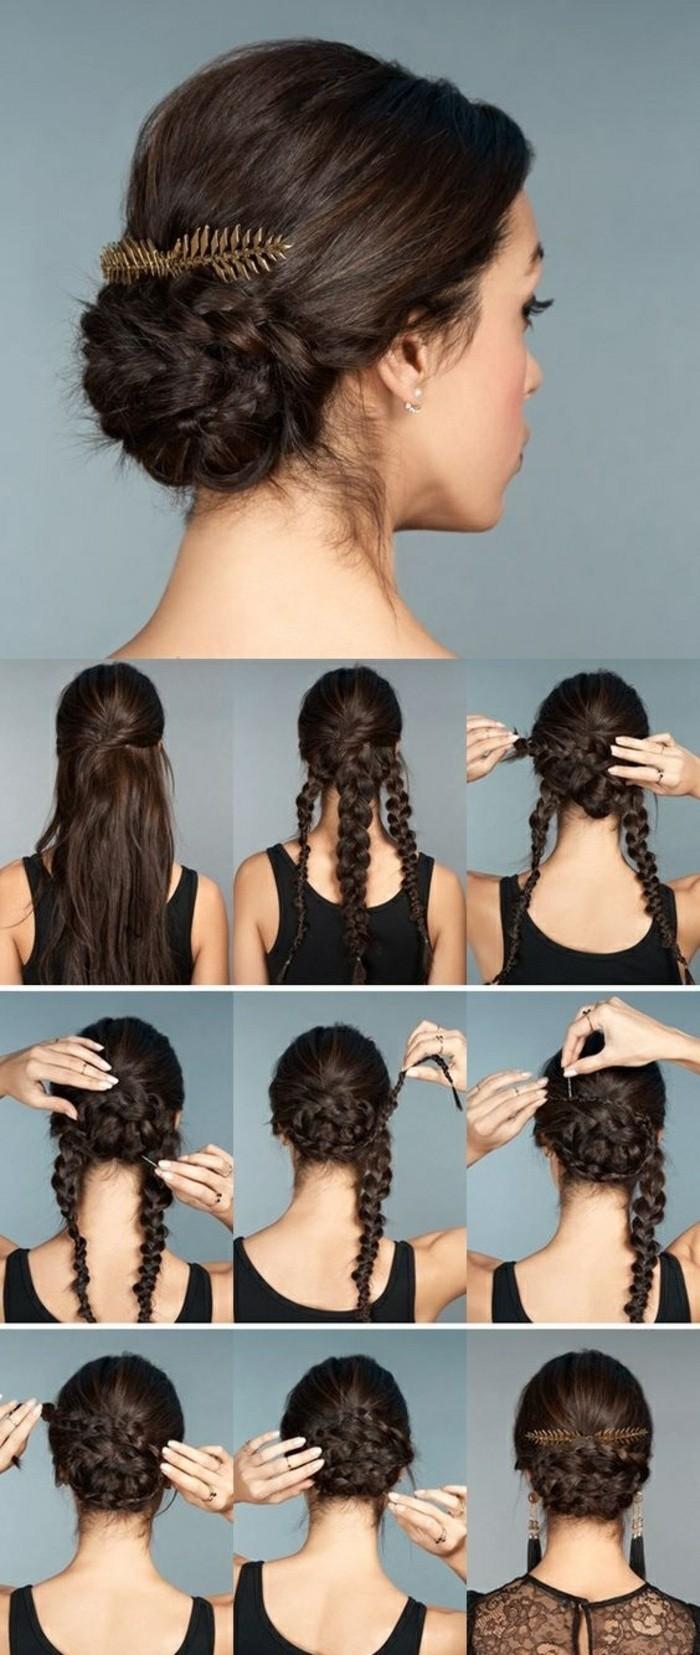 comment faire un chignon tressé à partir de trois tresses entrecroisés en arrière de la crâne, accessoire cheveux bijou plume